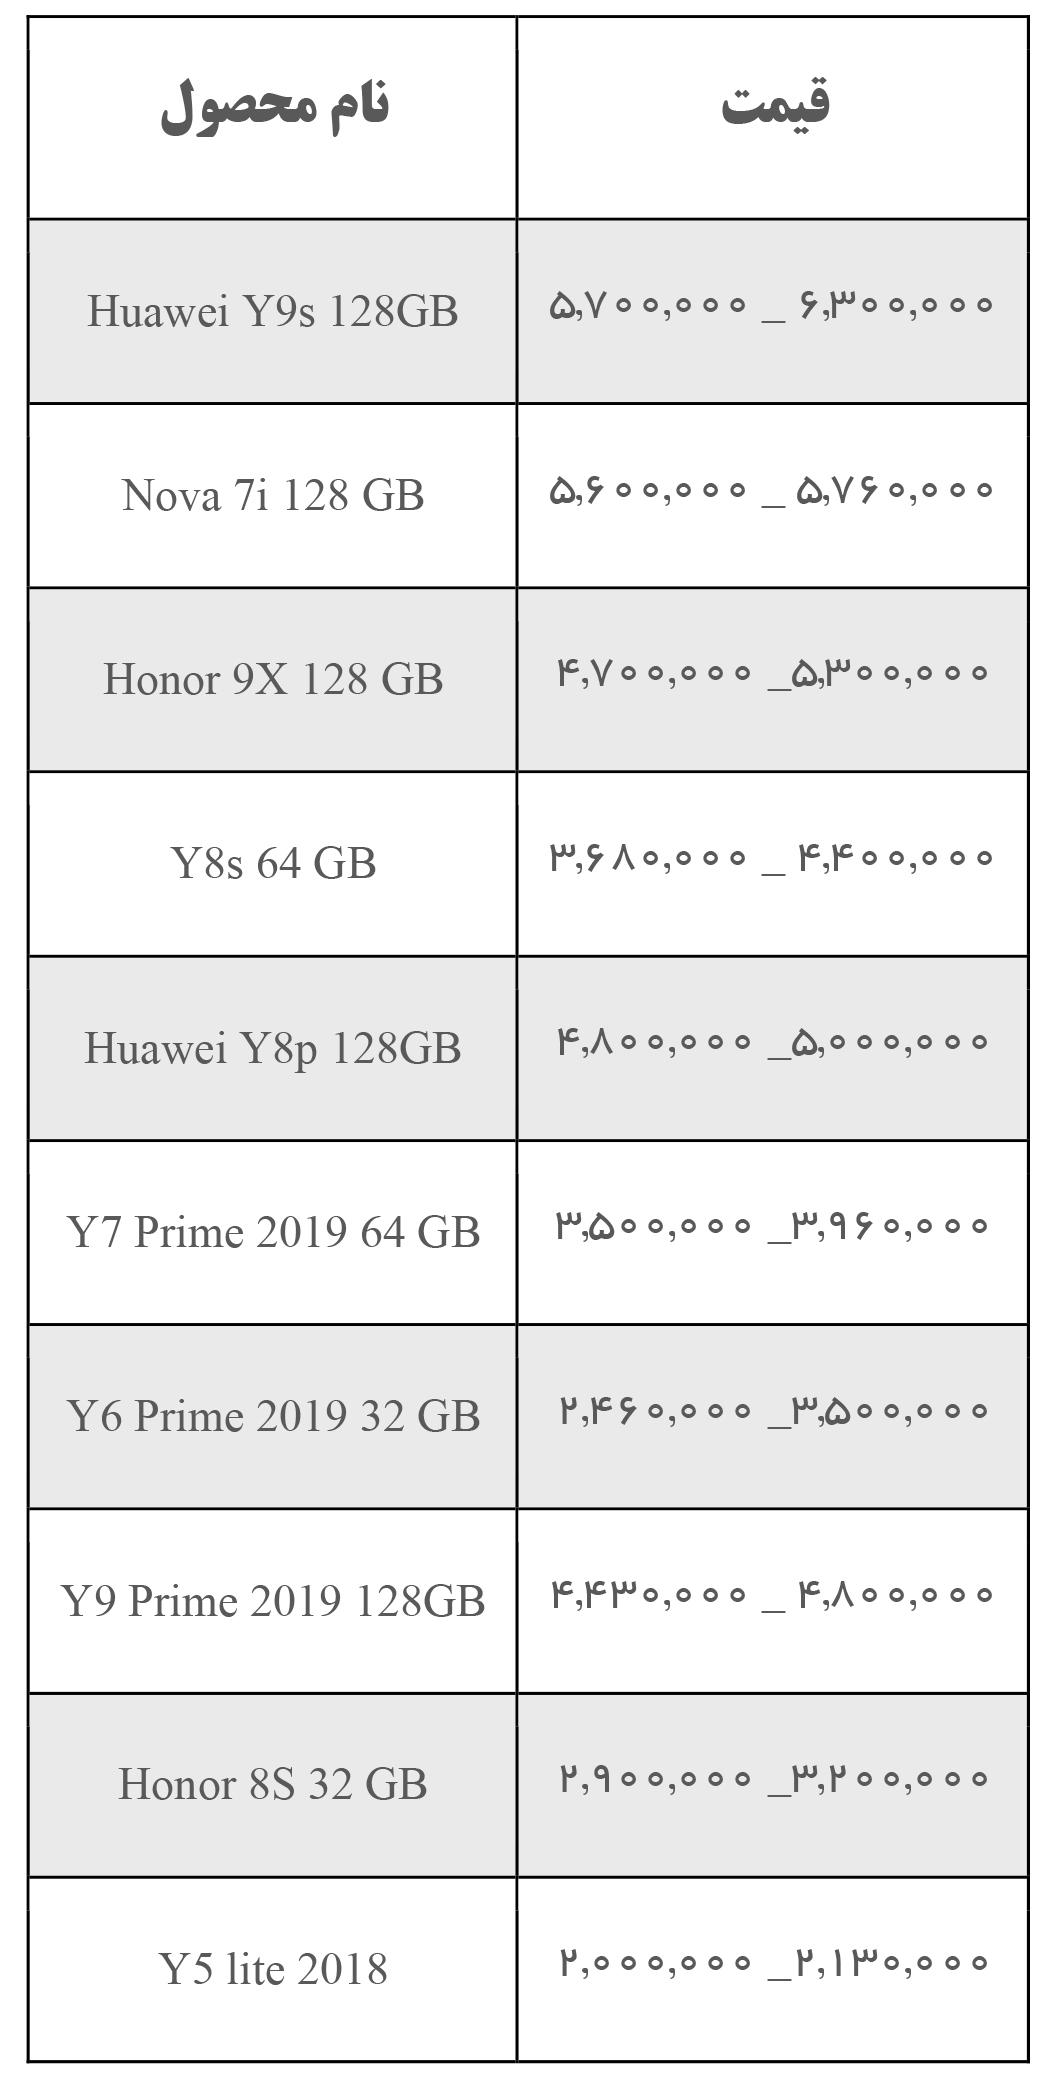 قیمت گوشی هووآوی